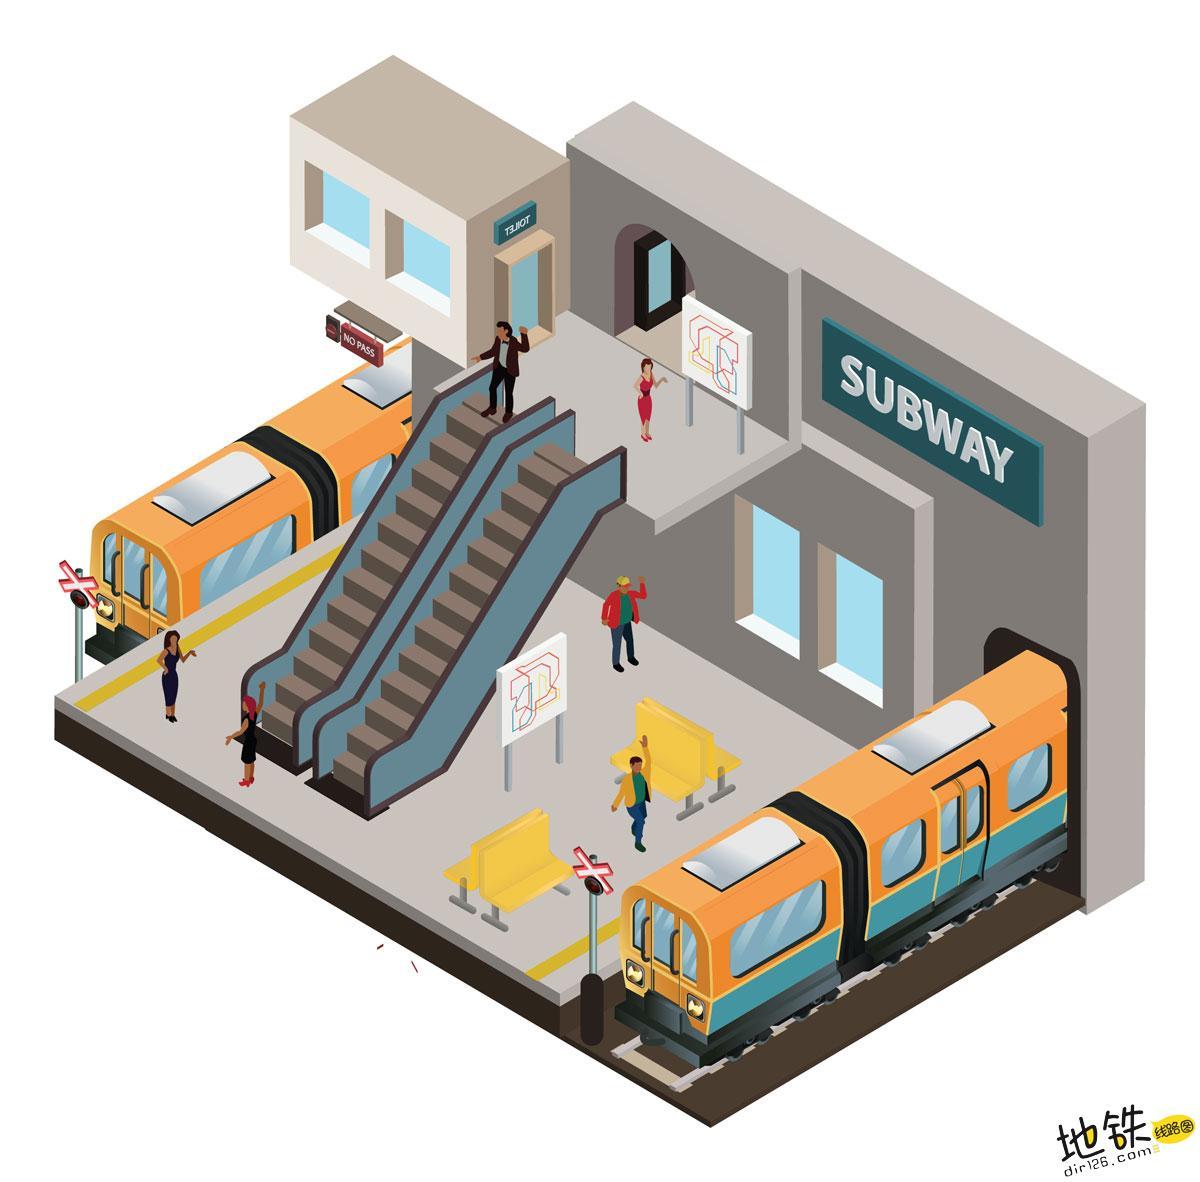 为什么地铁有时候开这边车门,有时候开另一边车门呢? 混合式站台 侧式站台 岛式站台 地铁站台 地铁站 地铁 轨道知识  第1张